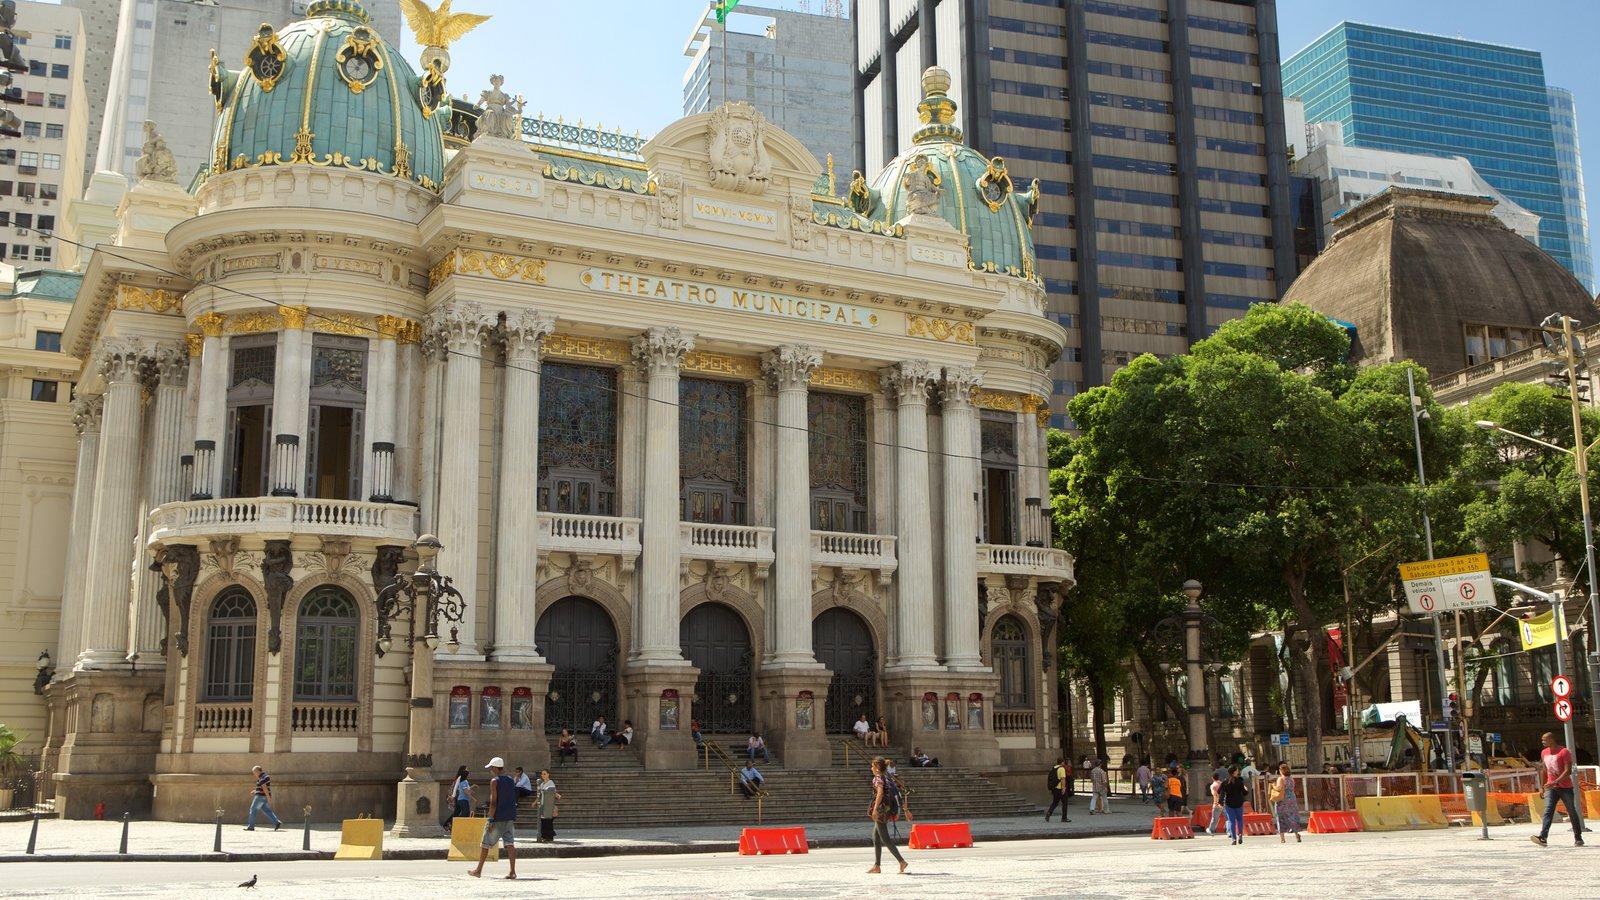 Teatro Municipal que inclui cenas de teatro, cenas de rua e elementos de patrimônio